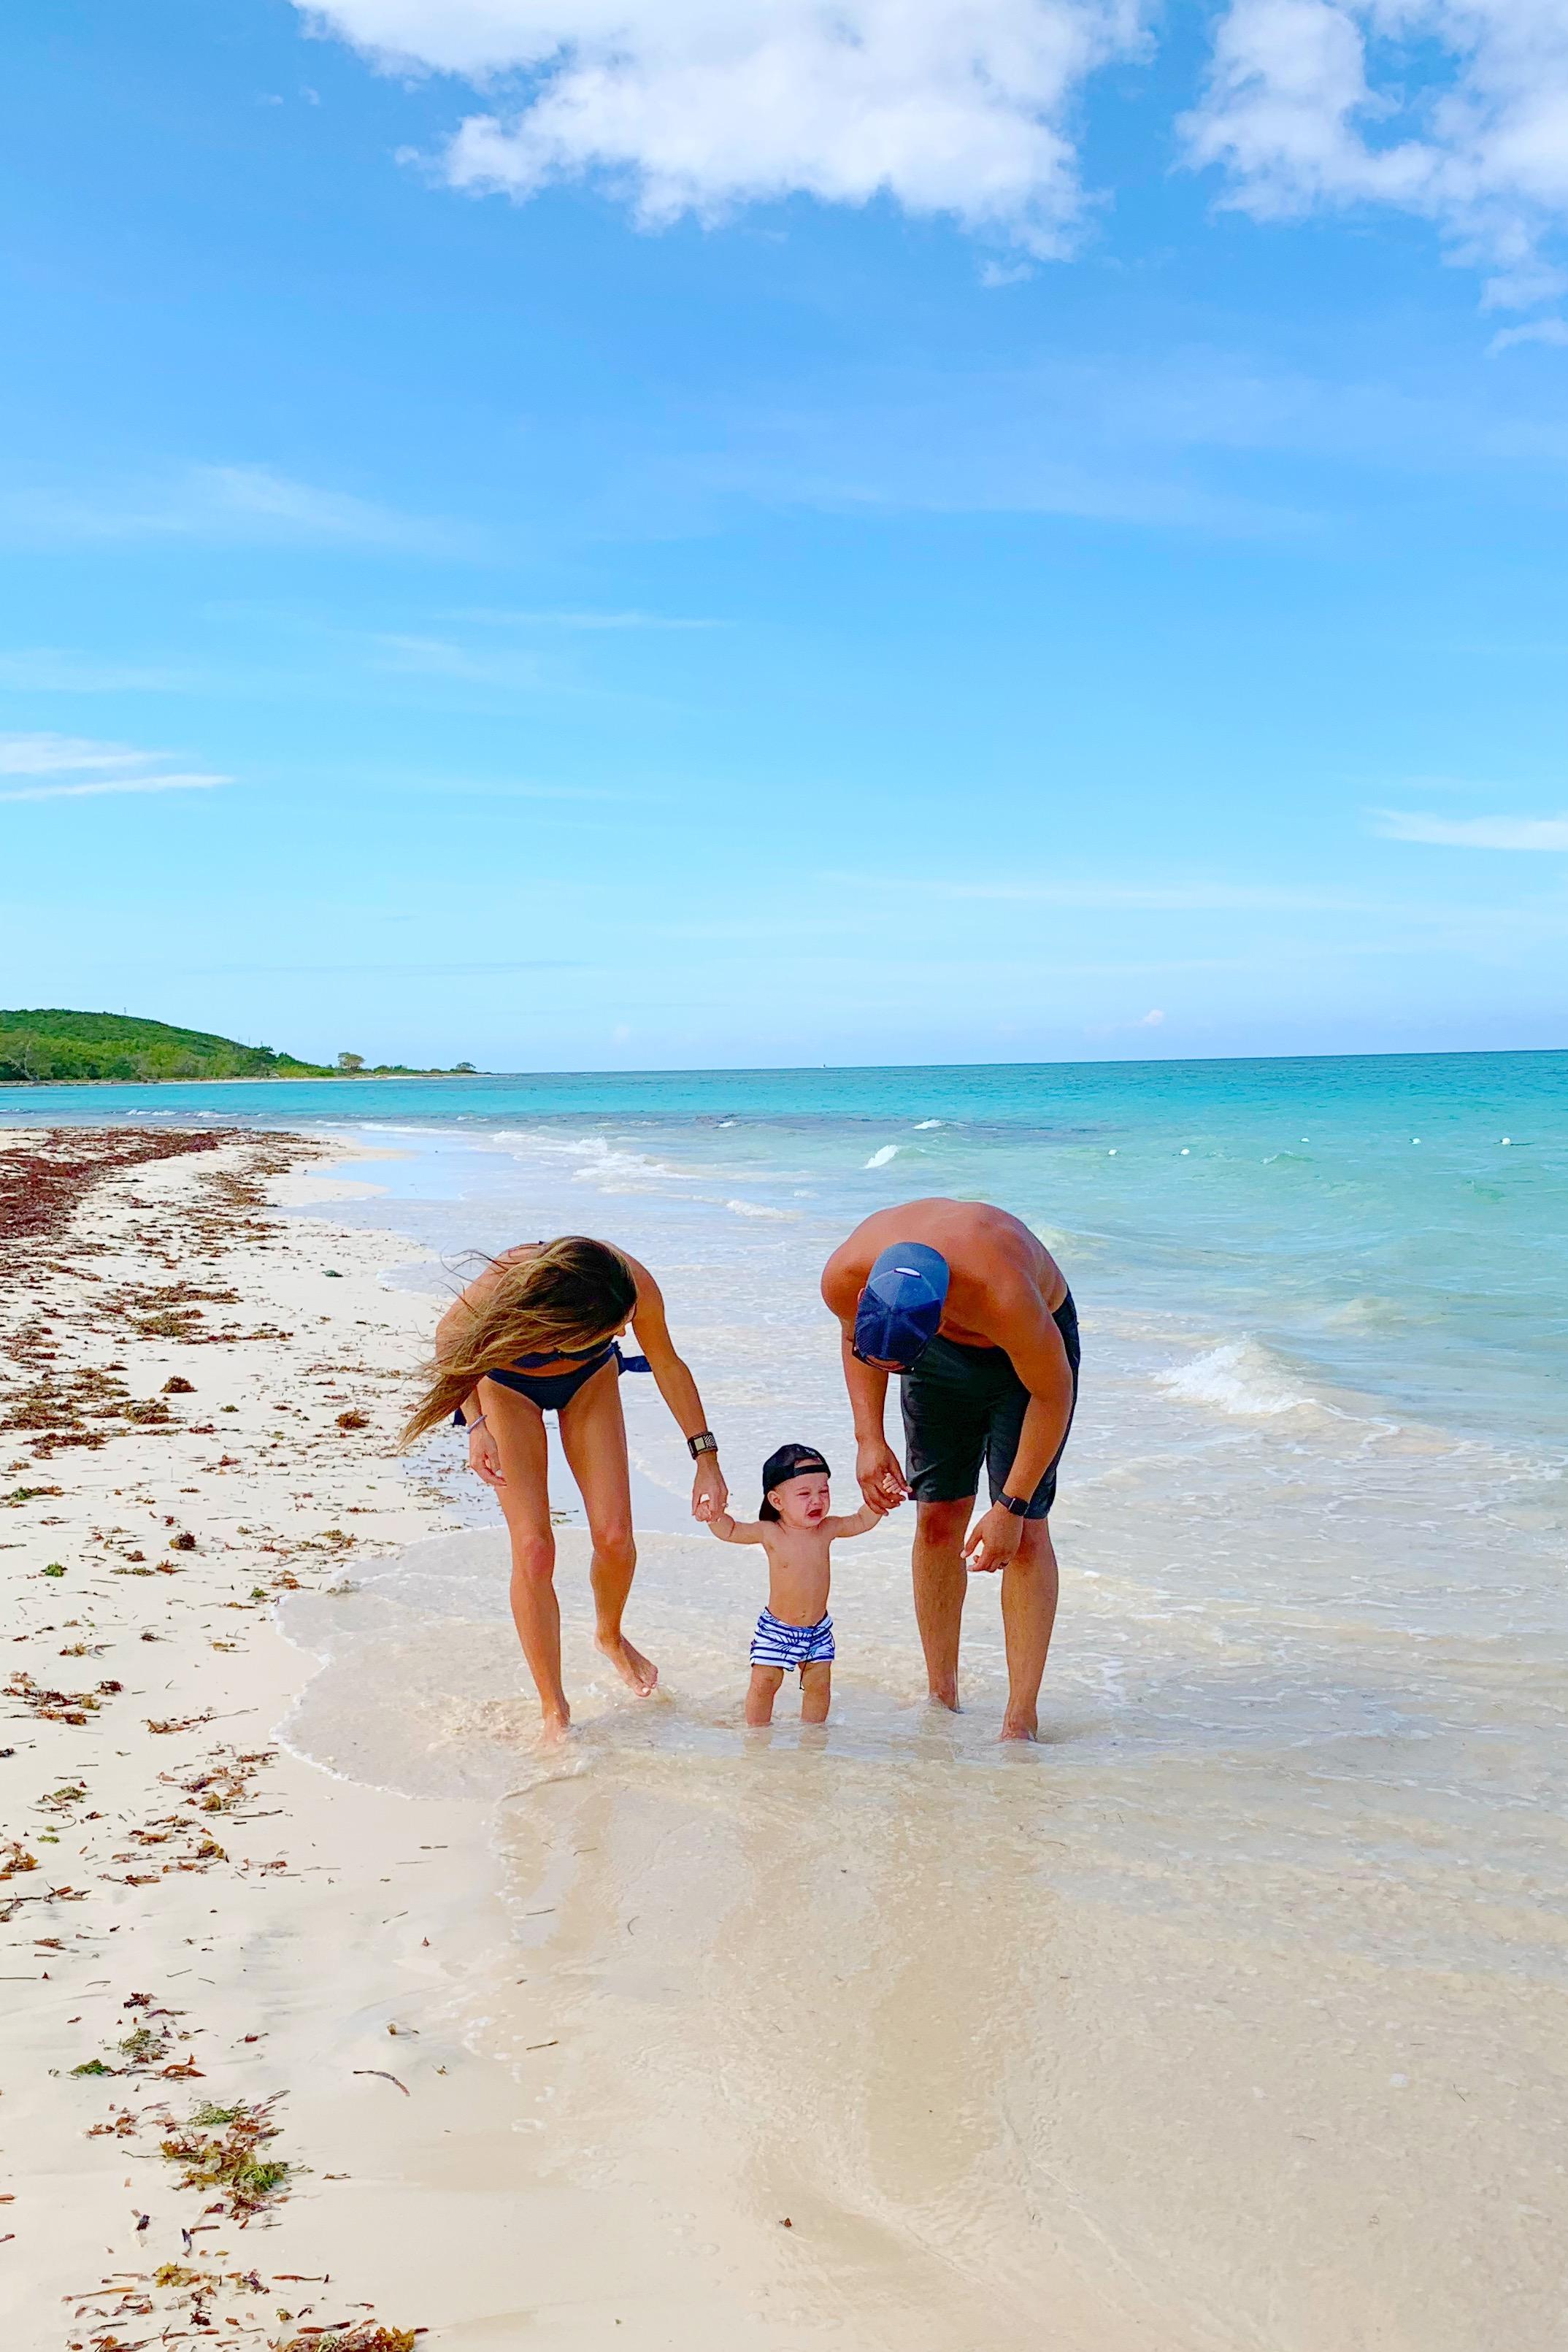 Easton was not a fan of the sand ocean! Ha!